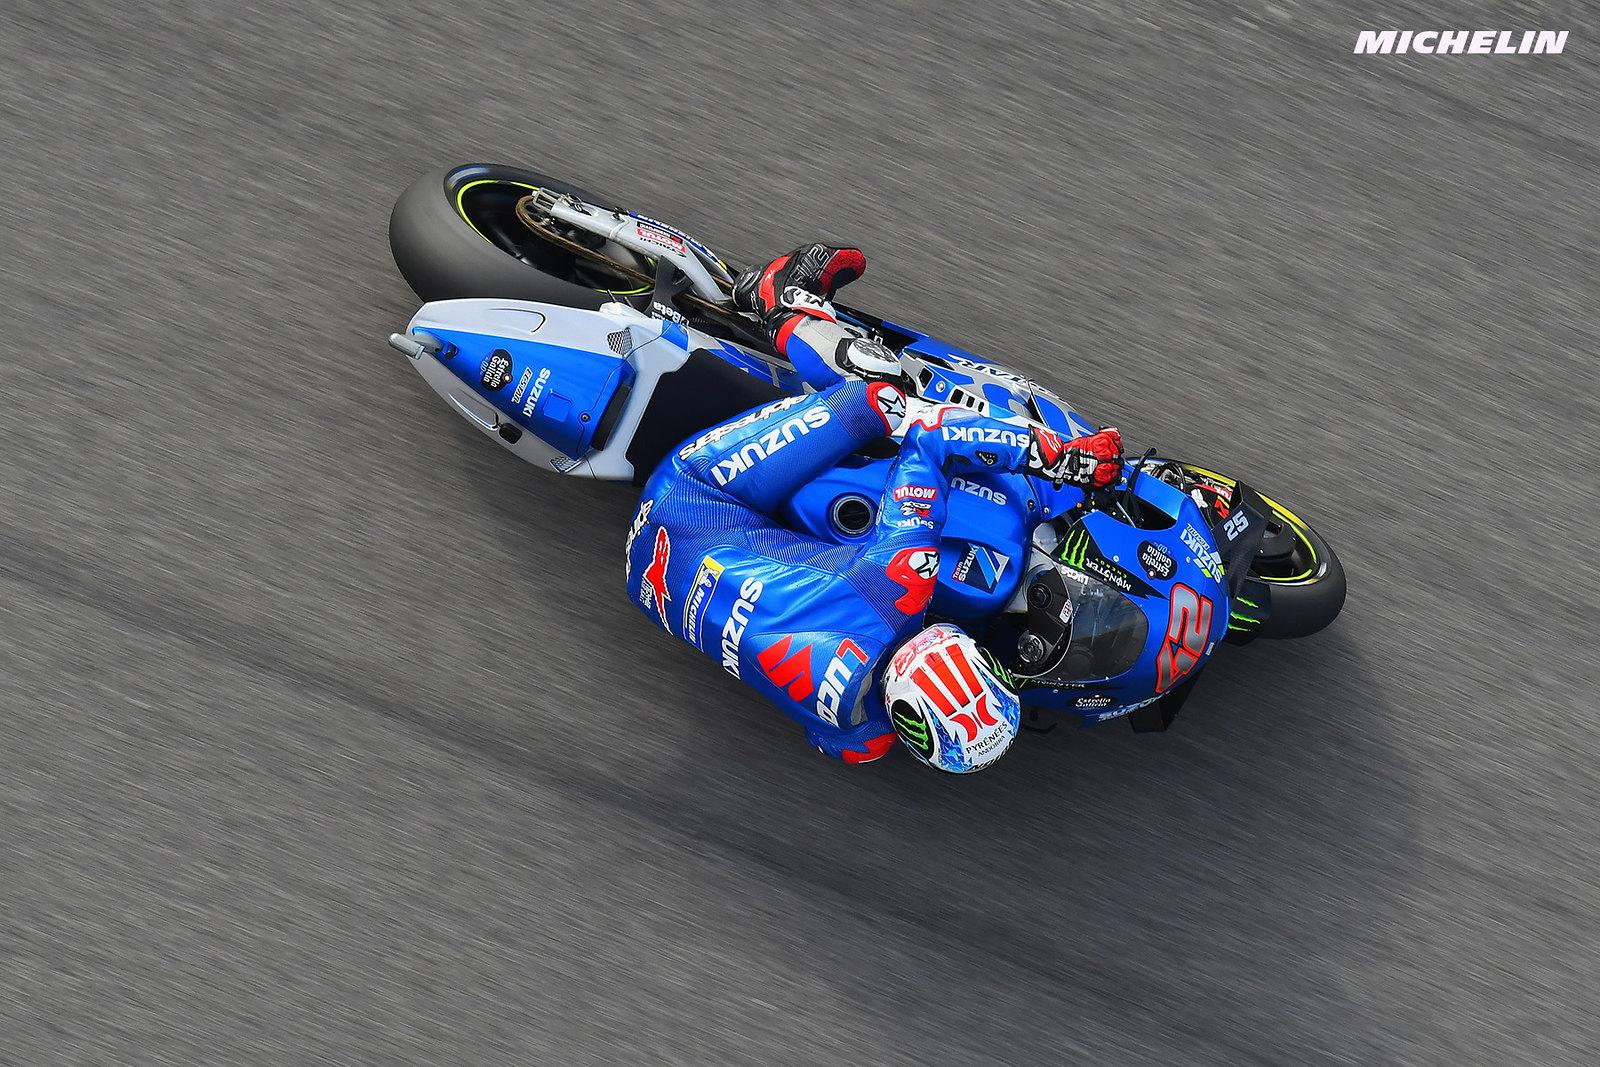 MotoGP2021アメリカズGP 4位アレックス・リンス「ファビオ、Ducatiを追うのが難しかった」